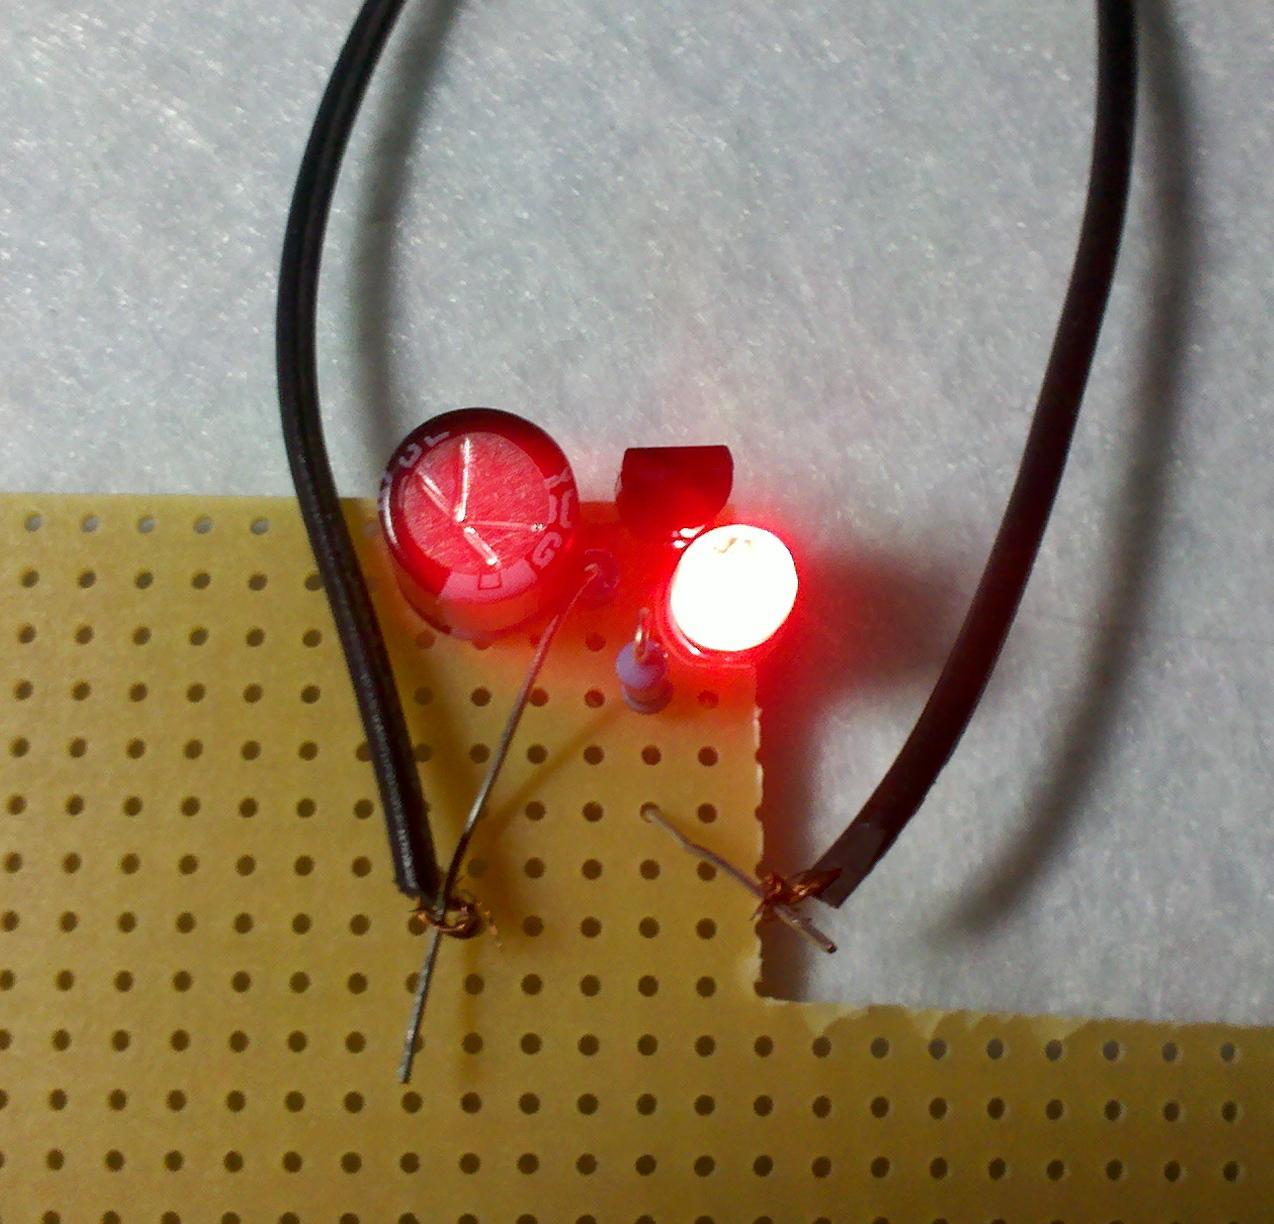 Resistor Capacitor Transistor Set For Diy Flashing Led Circuit